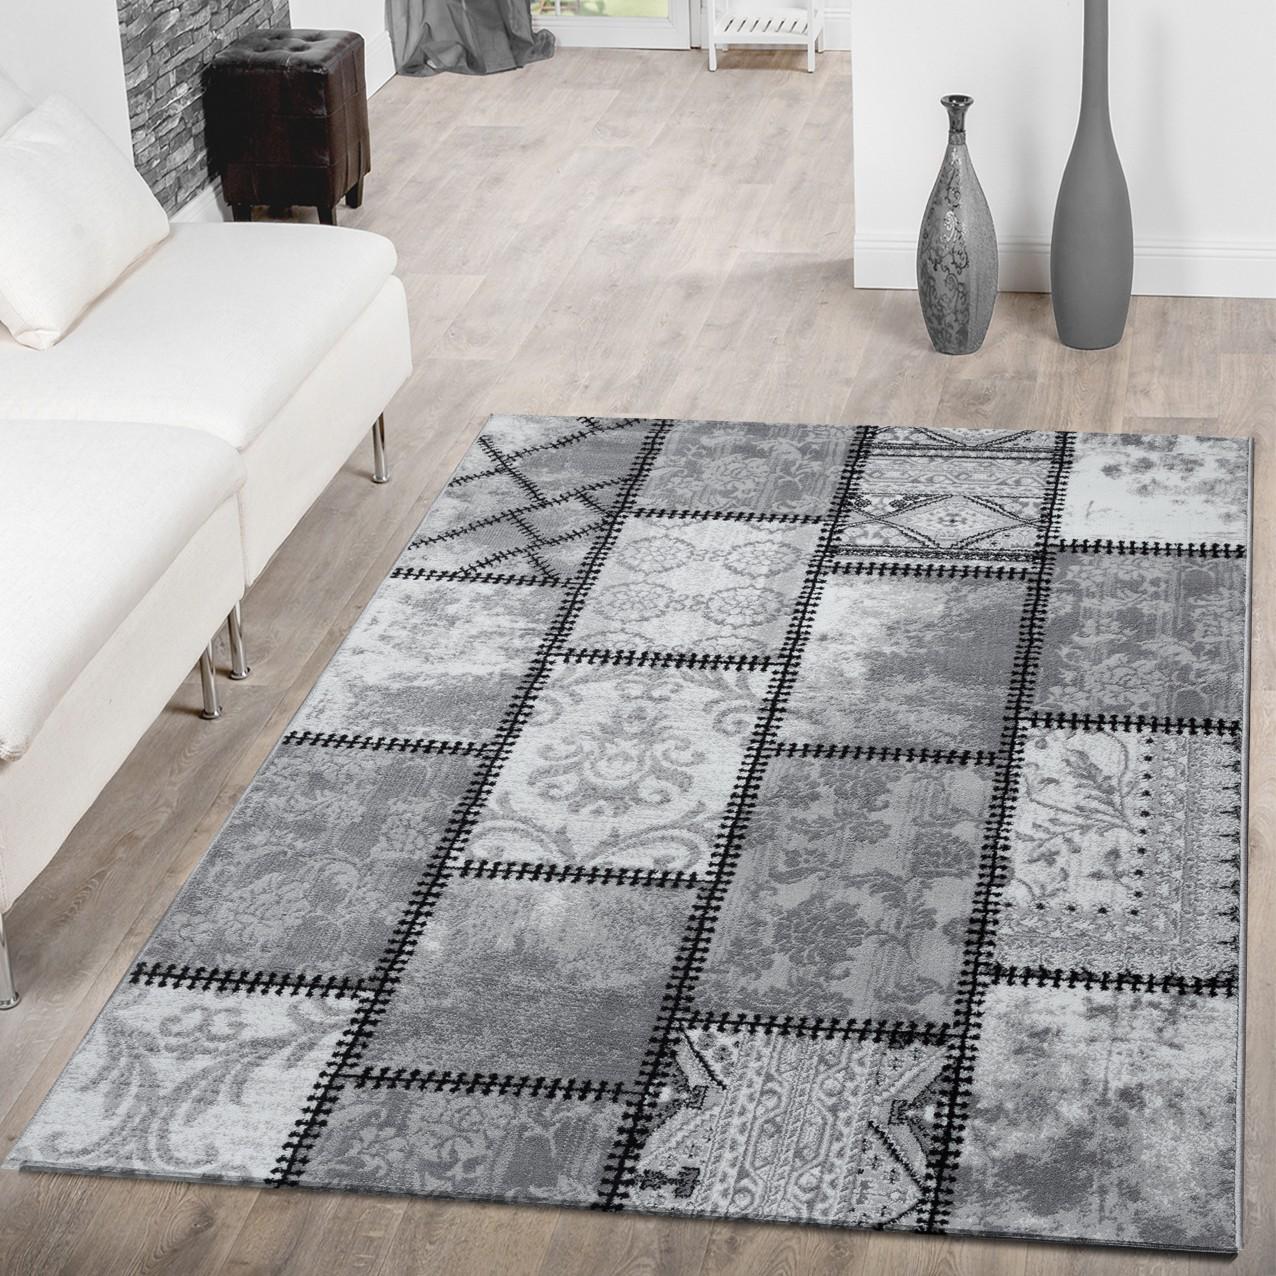 Teppich modern wohnzimmer teppich ornamente abstrakt - Teppich modern grau ...